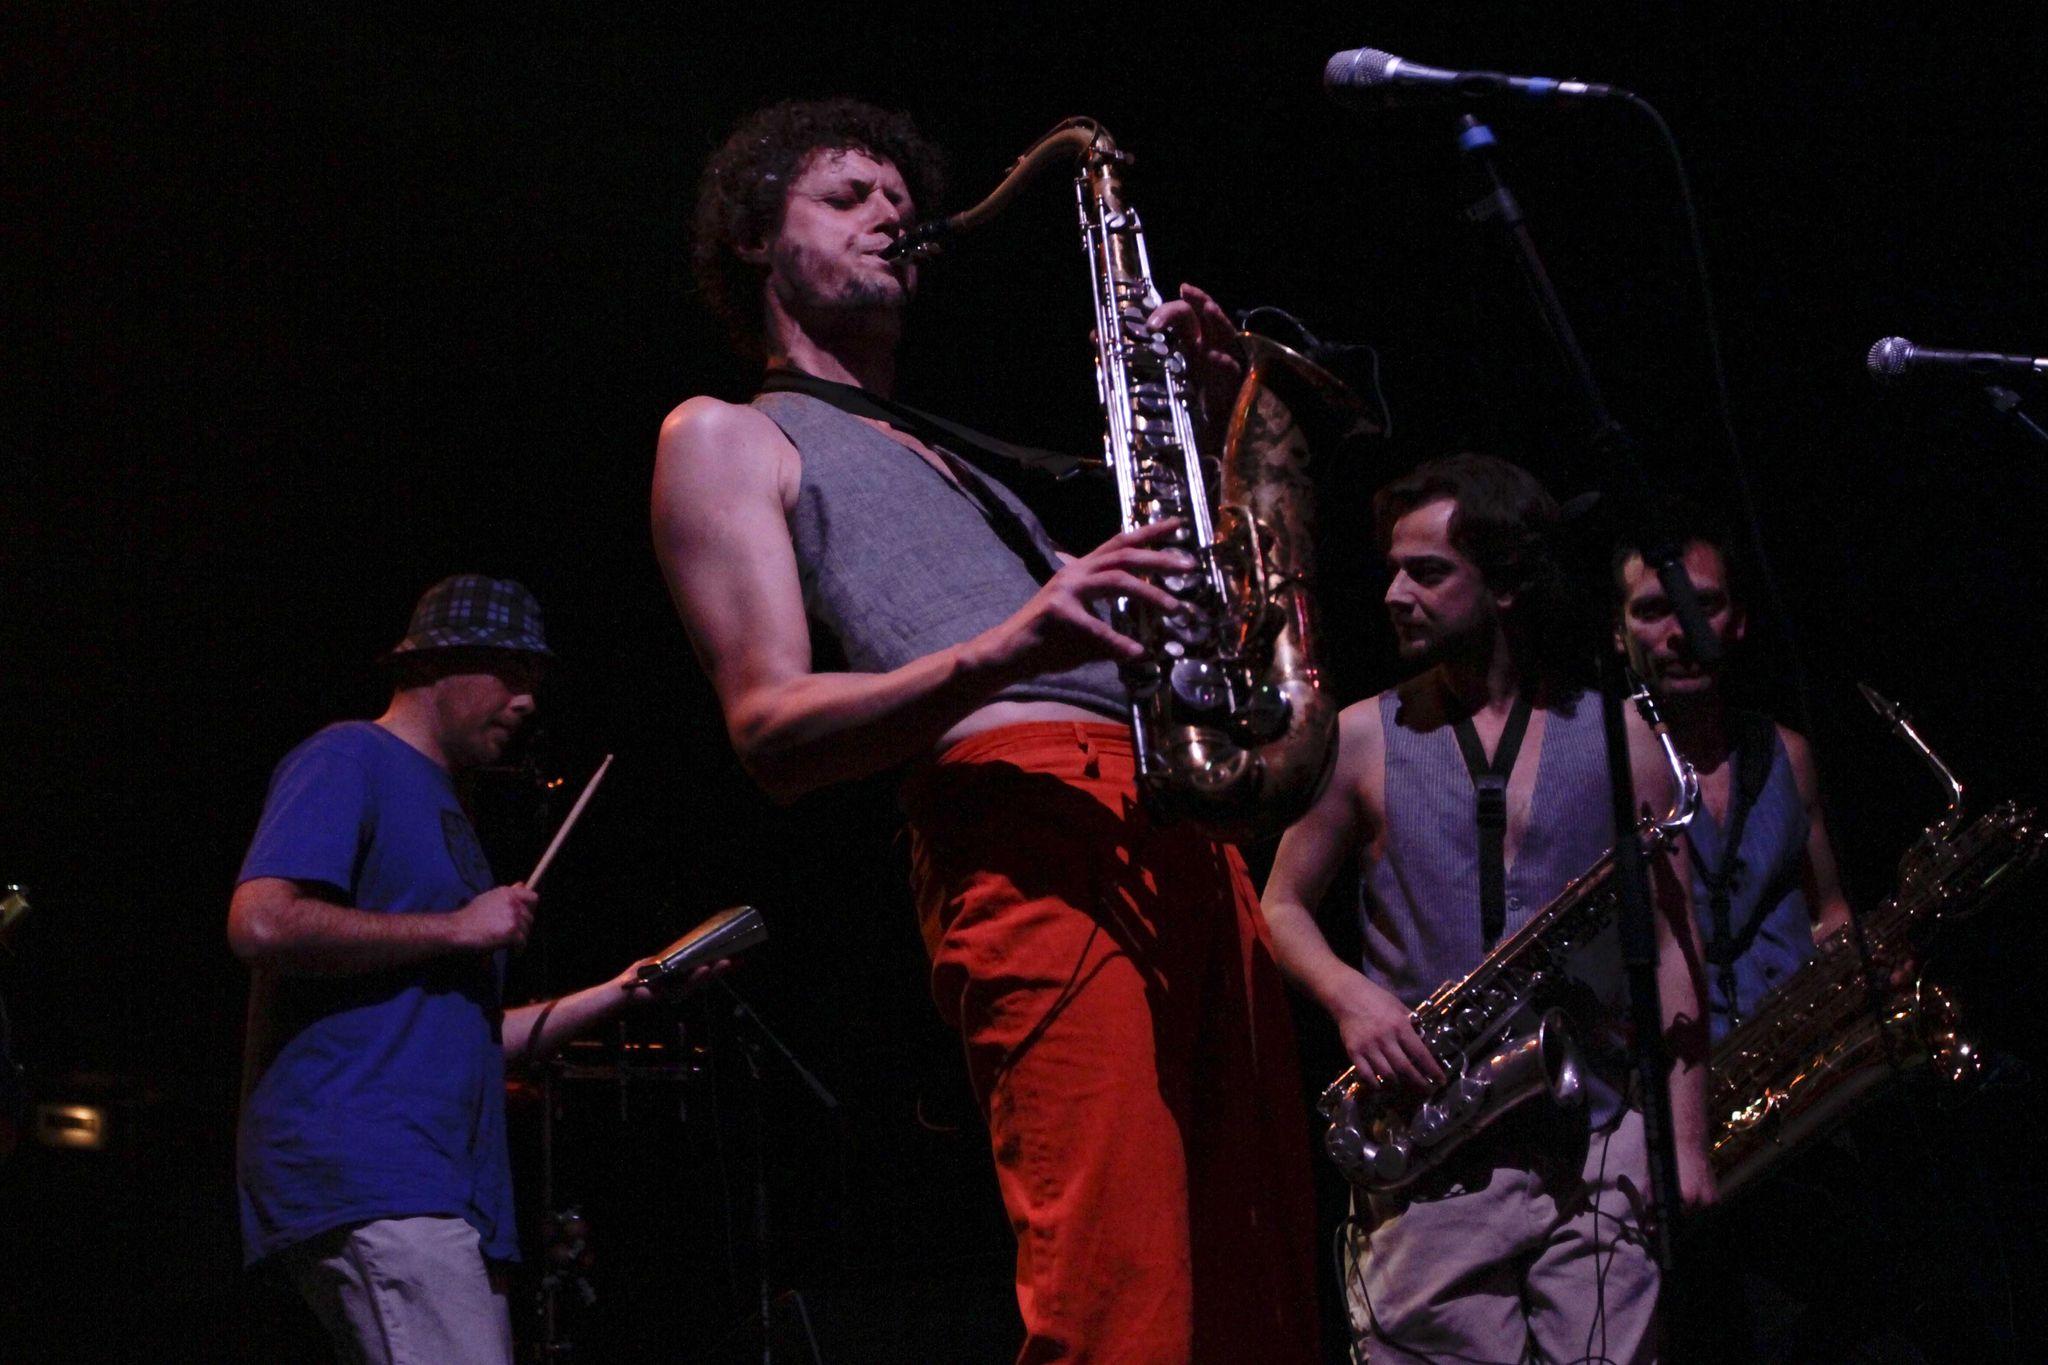 AfroWildZombies-Tour2Chauffe-LesArcades-2012-222